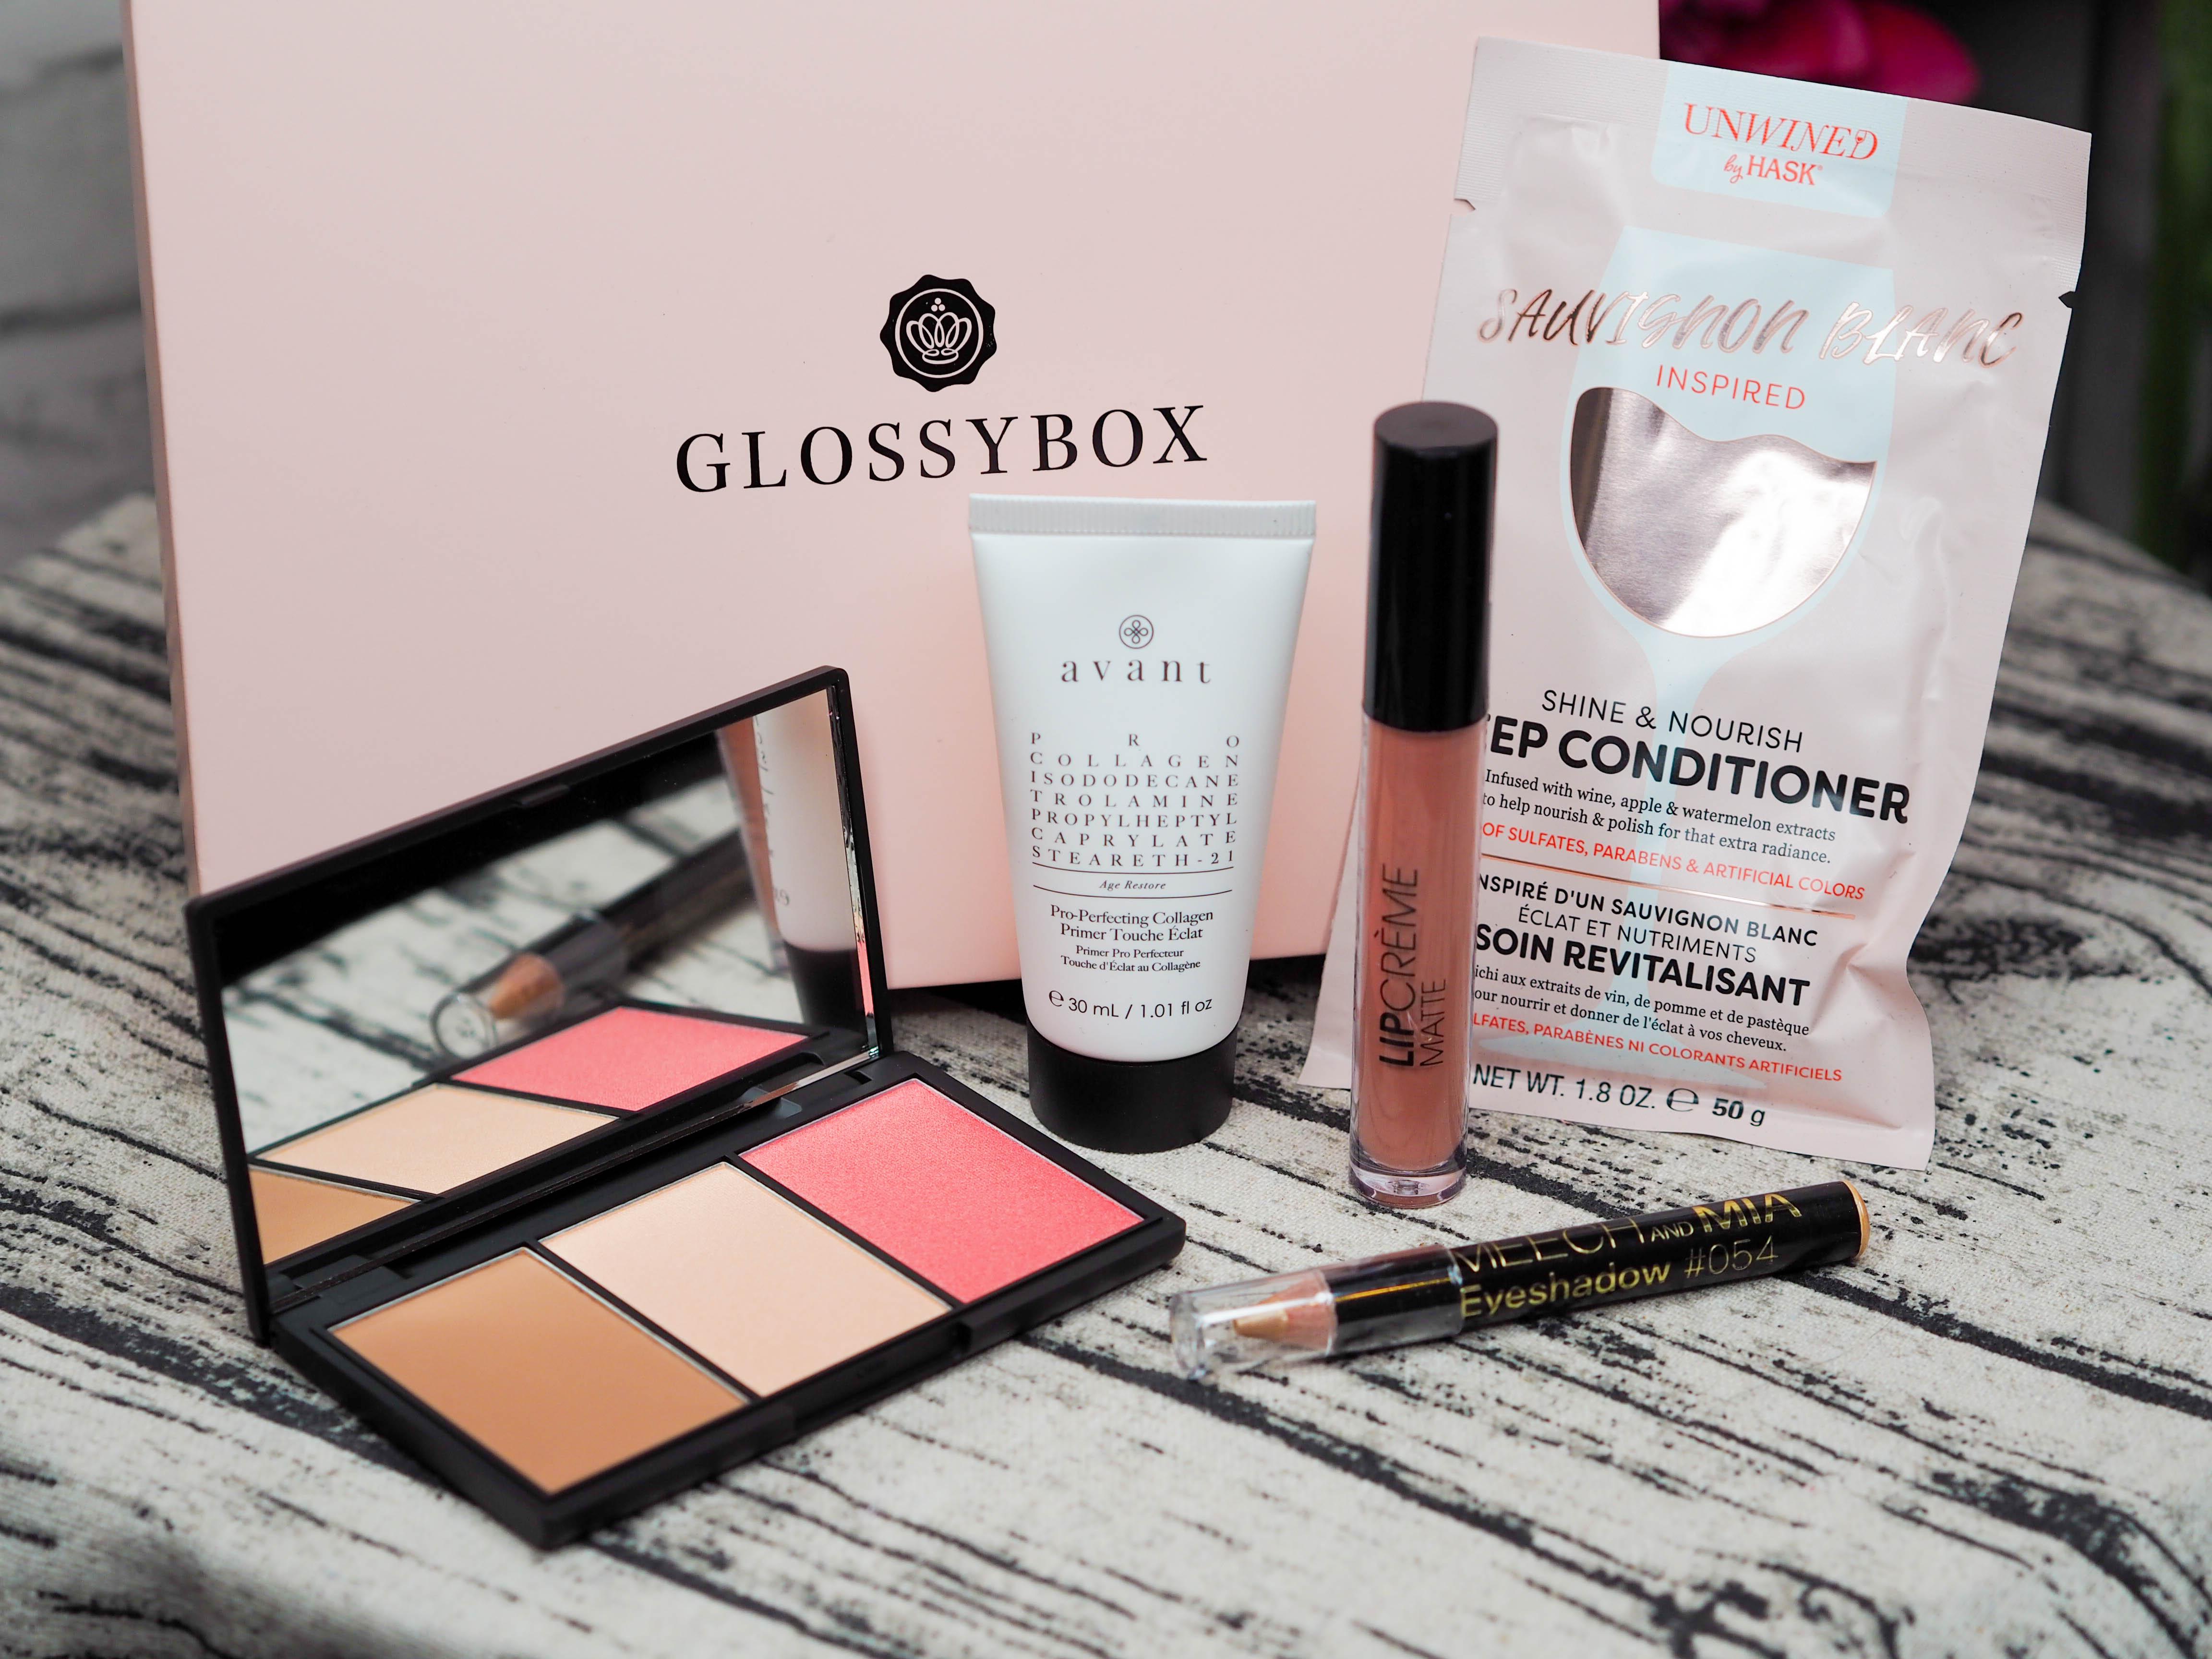 Glossybox June 2019